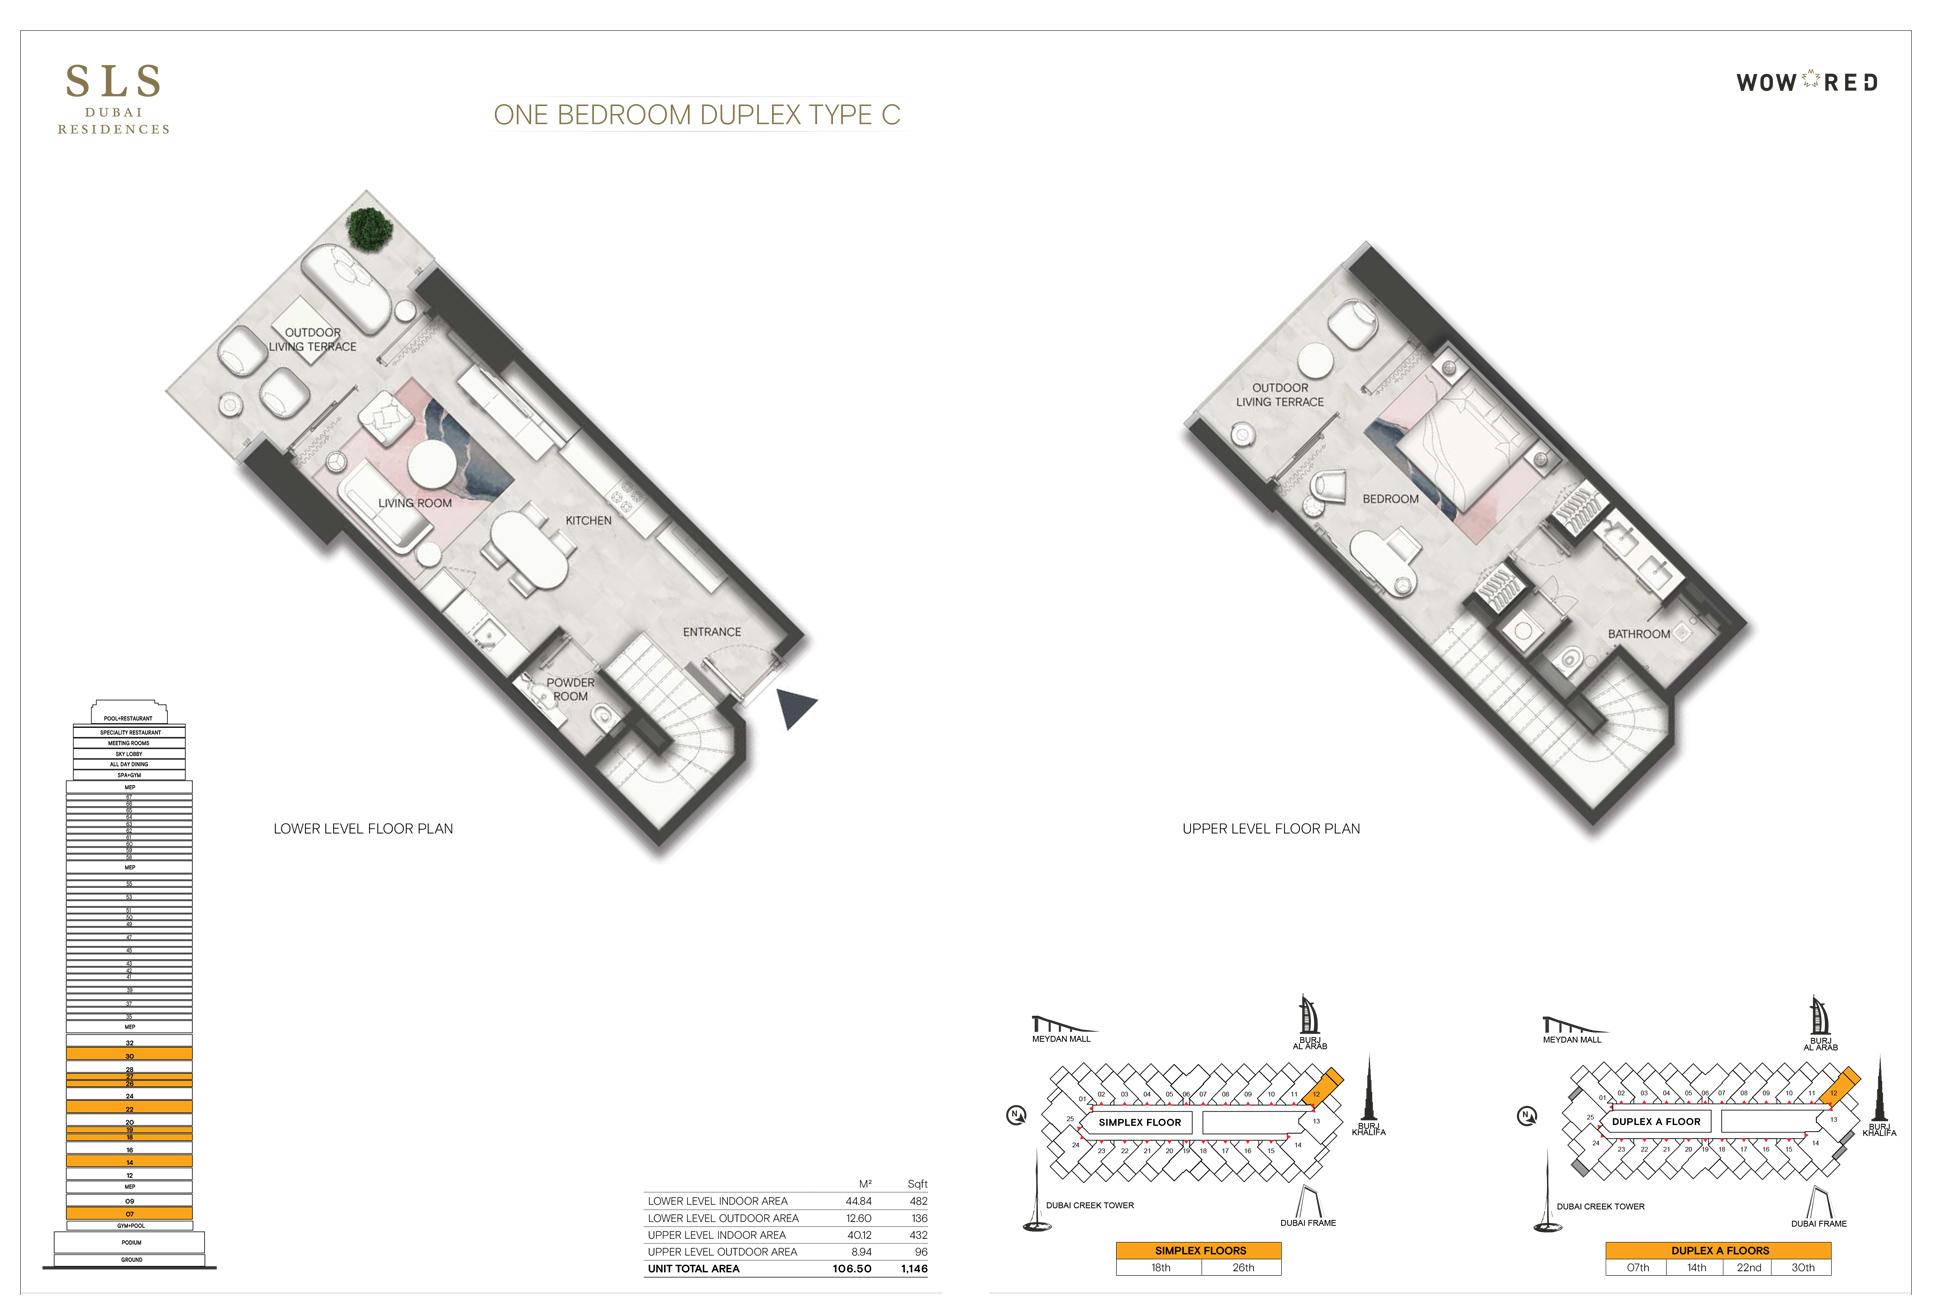 دوبلكس بغرفة نوم واحدة، نوع C، حجم 1146 قدم مربع